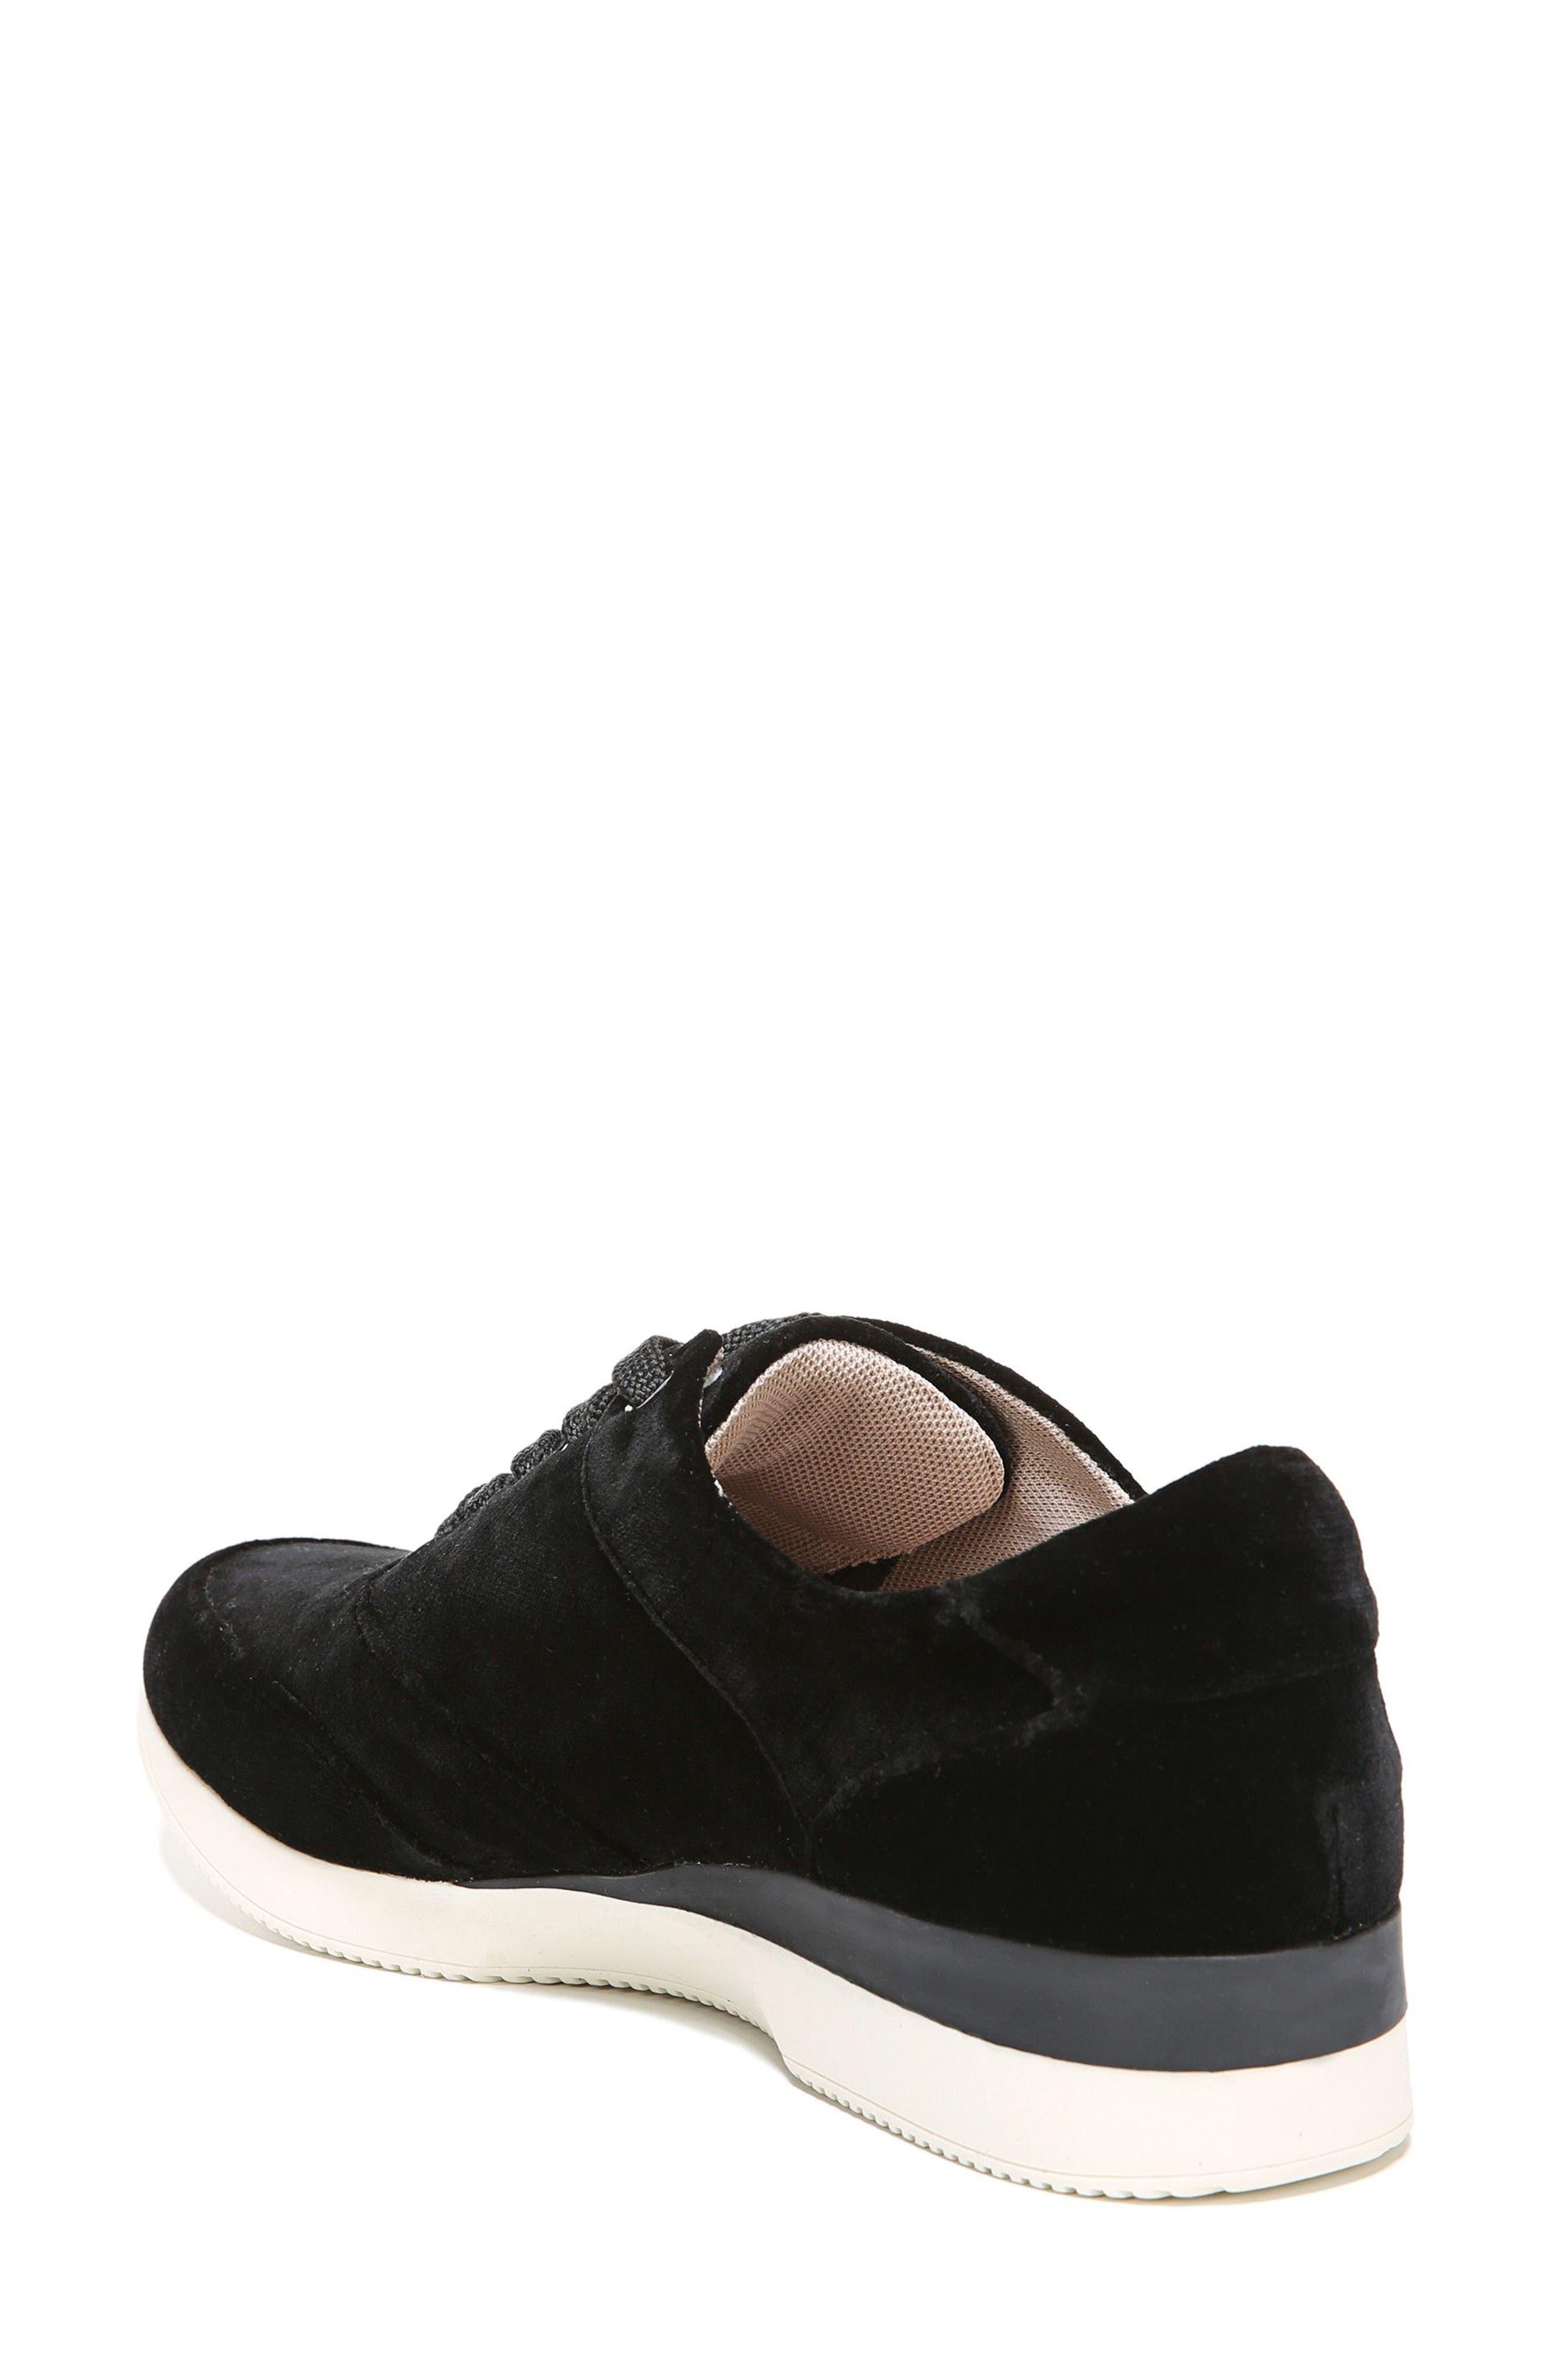 Jimi Sneaker,                             Alternate thumbnail 2, color,                             002